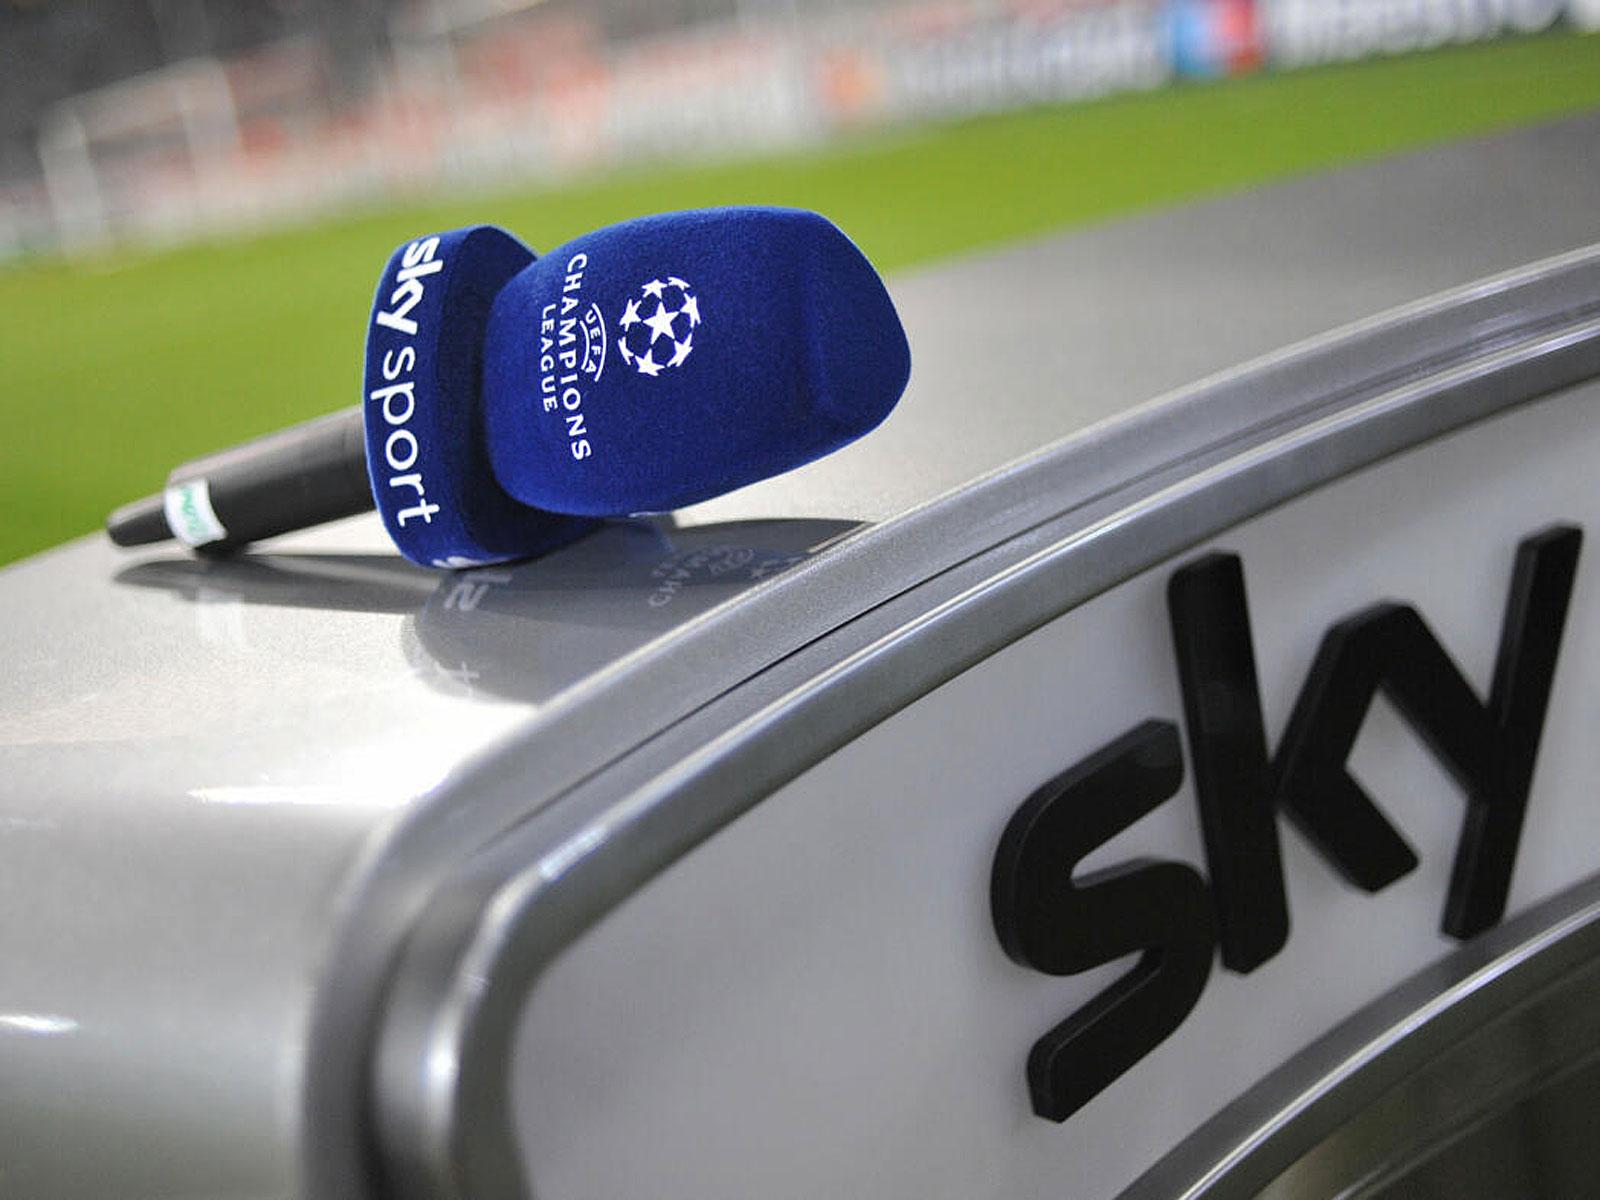 Bei Sky kam es im Vorfeld der CL-Partie zwischen dem FC Bayern und Chelsea zu einem kuriosen Vorfall.